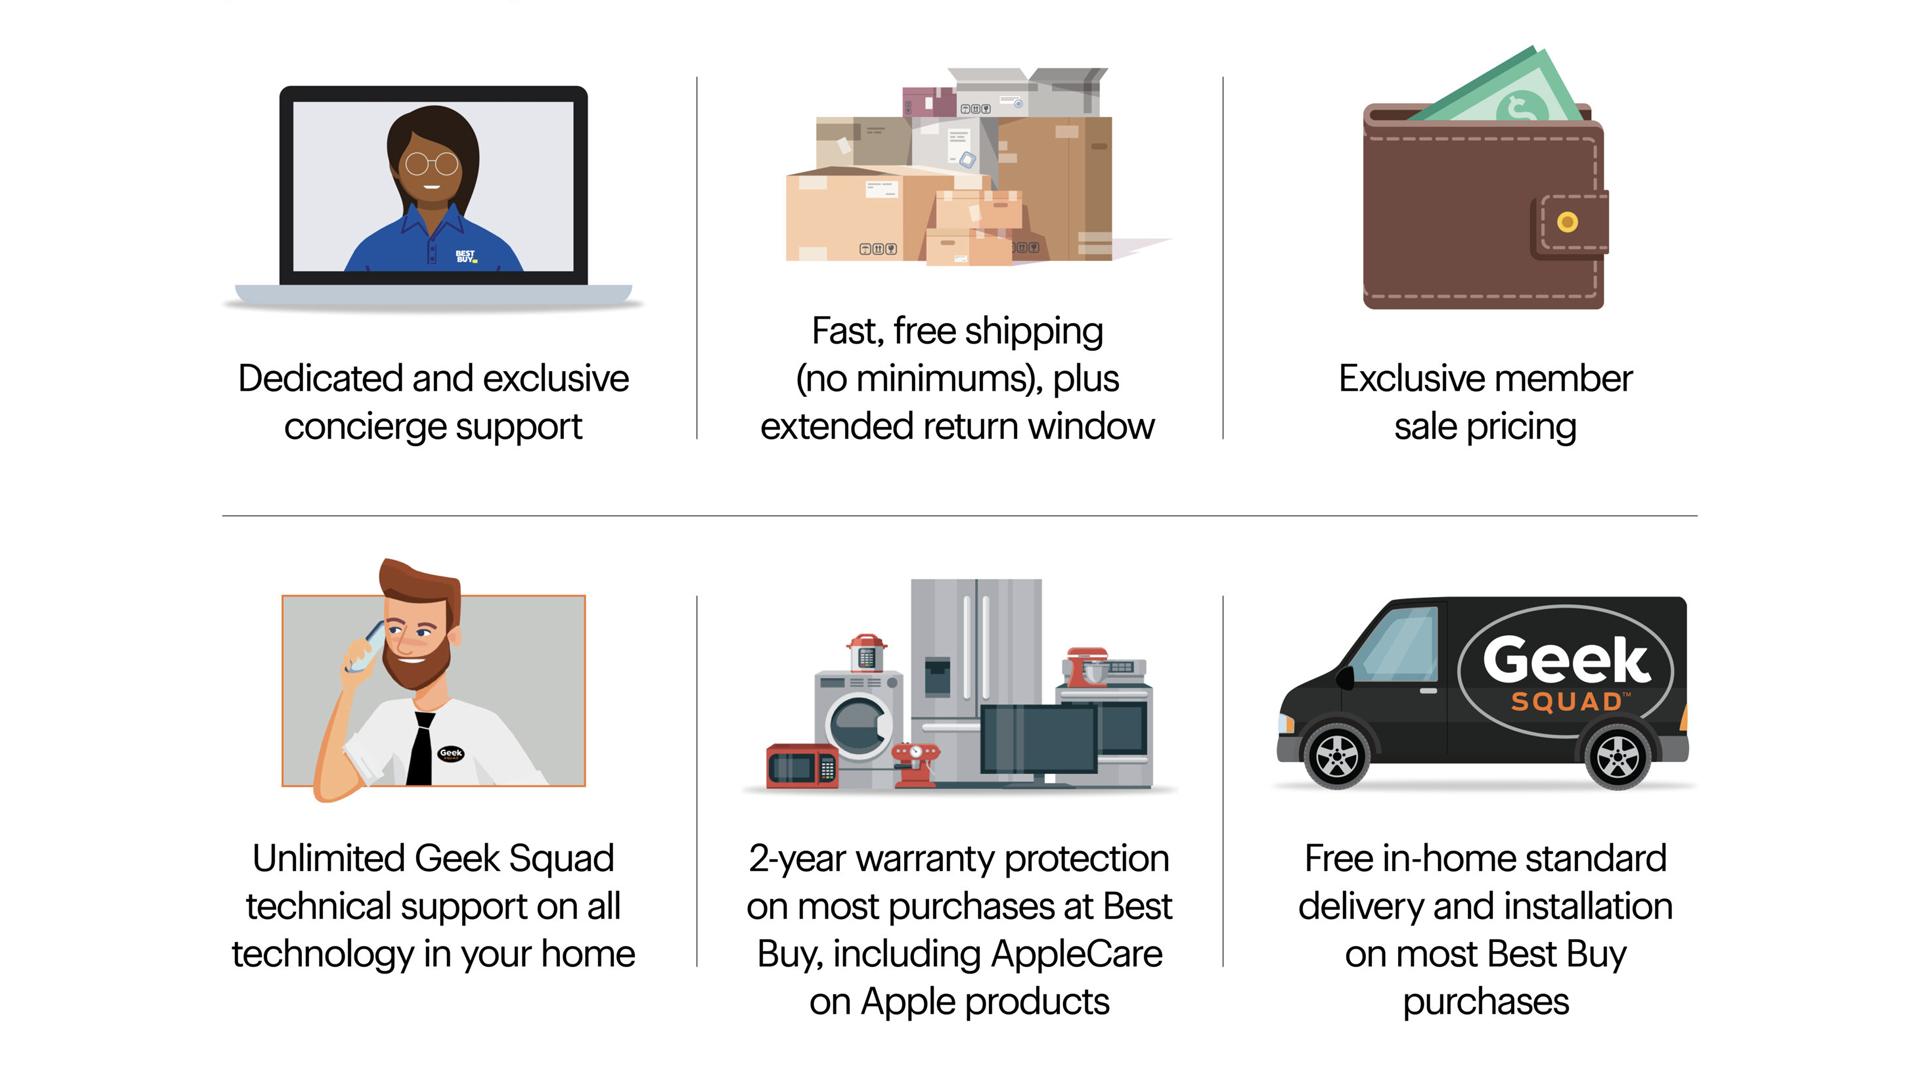 Une image montrant certains des avantages de la version bêta de Best Buy.